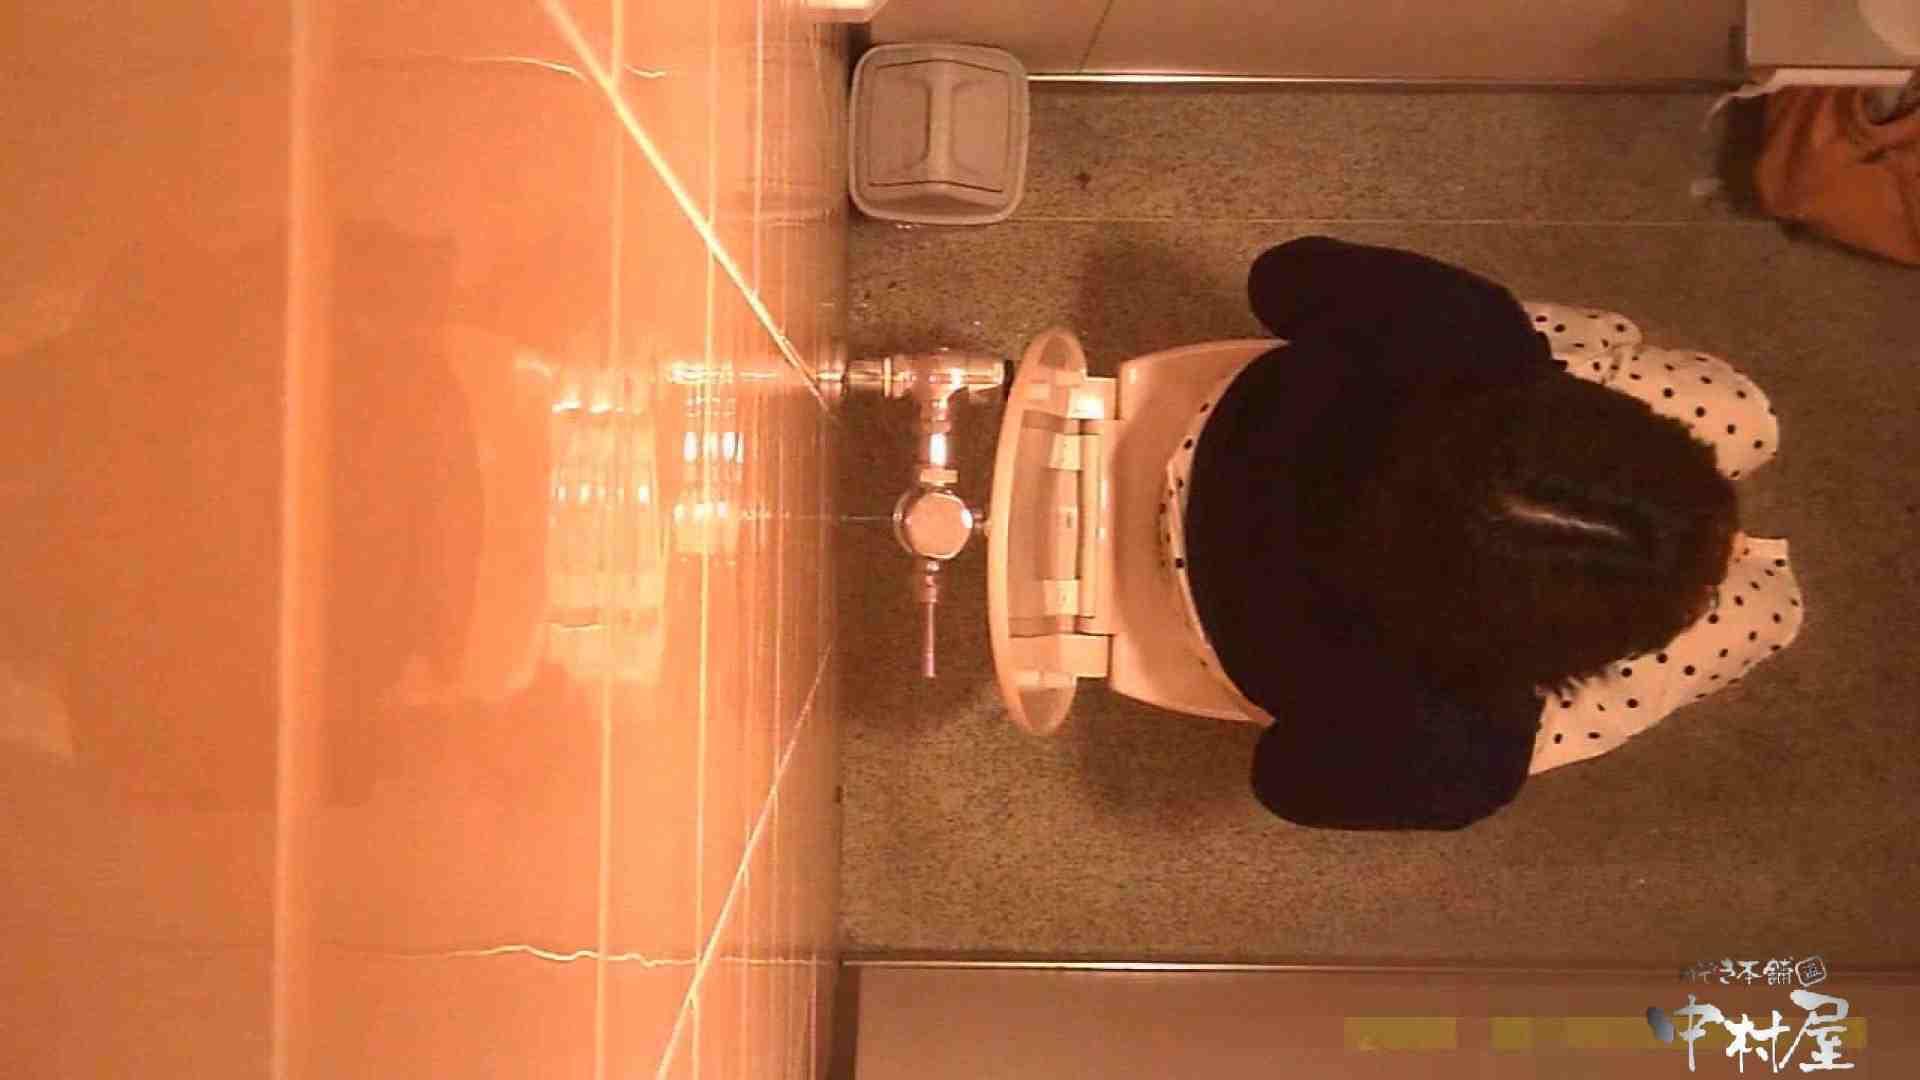 初盗撮!女盗撮師カレンさんの 潜入!女子トイレ盗撮!Vol.3 トイレ 盗み撮りオマンコ動画キャプチャ 110PICs 22